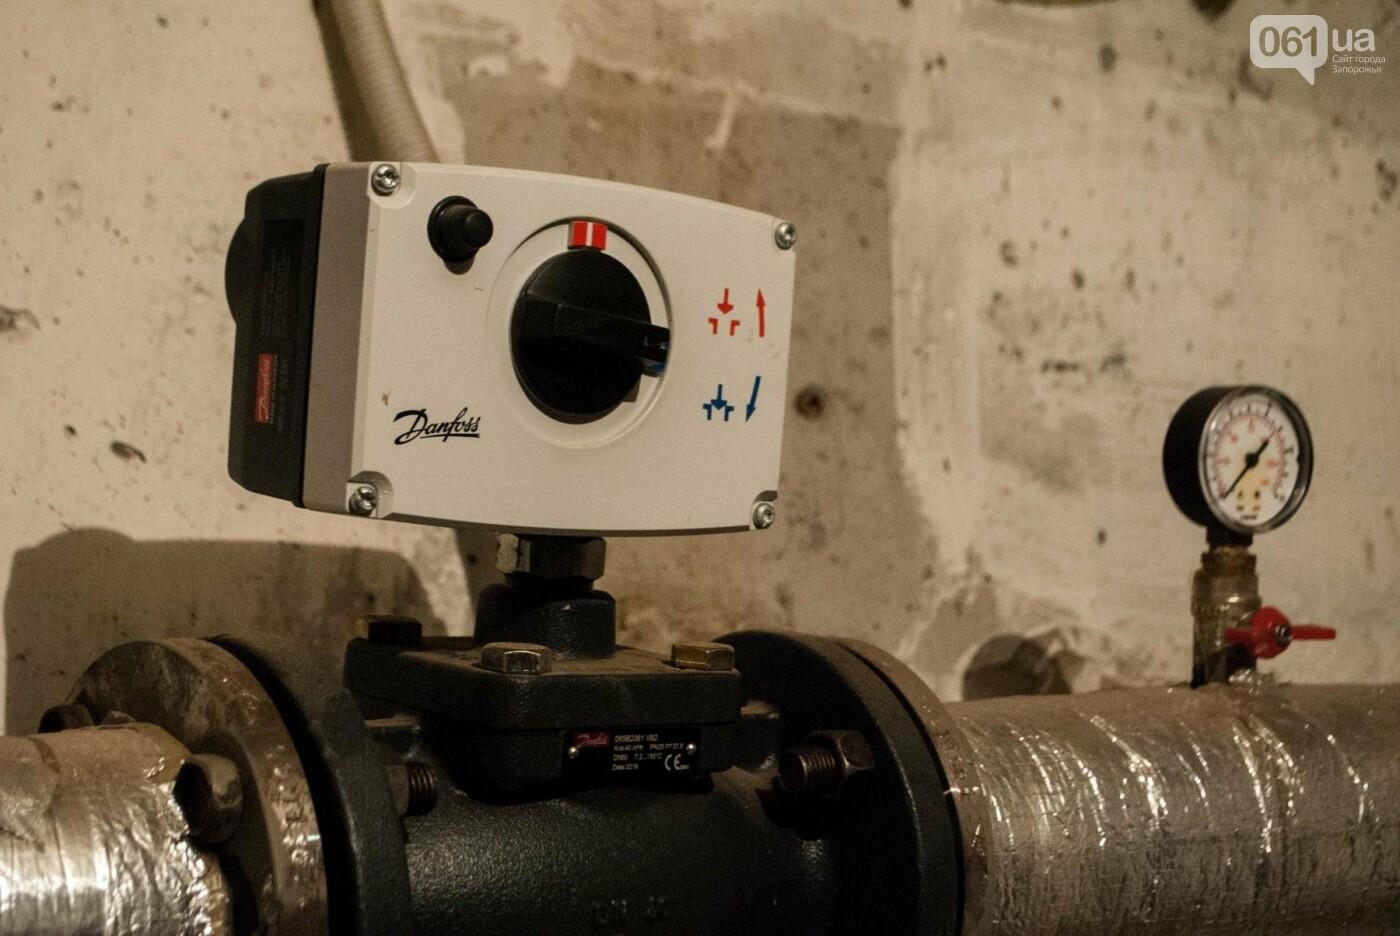 Сам себе хозяин: как запорожские ОСМД занимаются энергосбережением и значительно экономят на тарифах, — ФОТО, фото-42